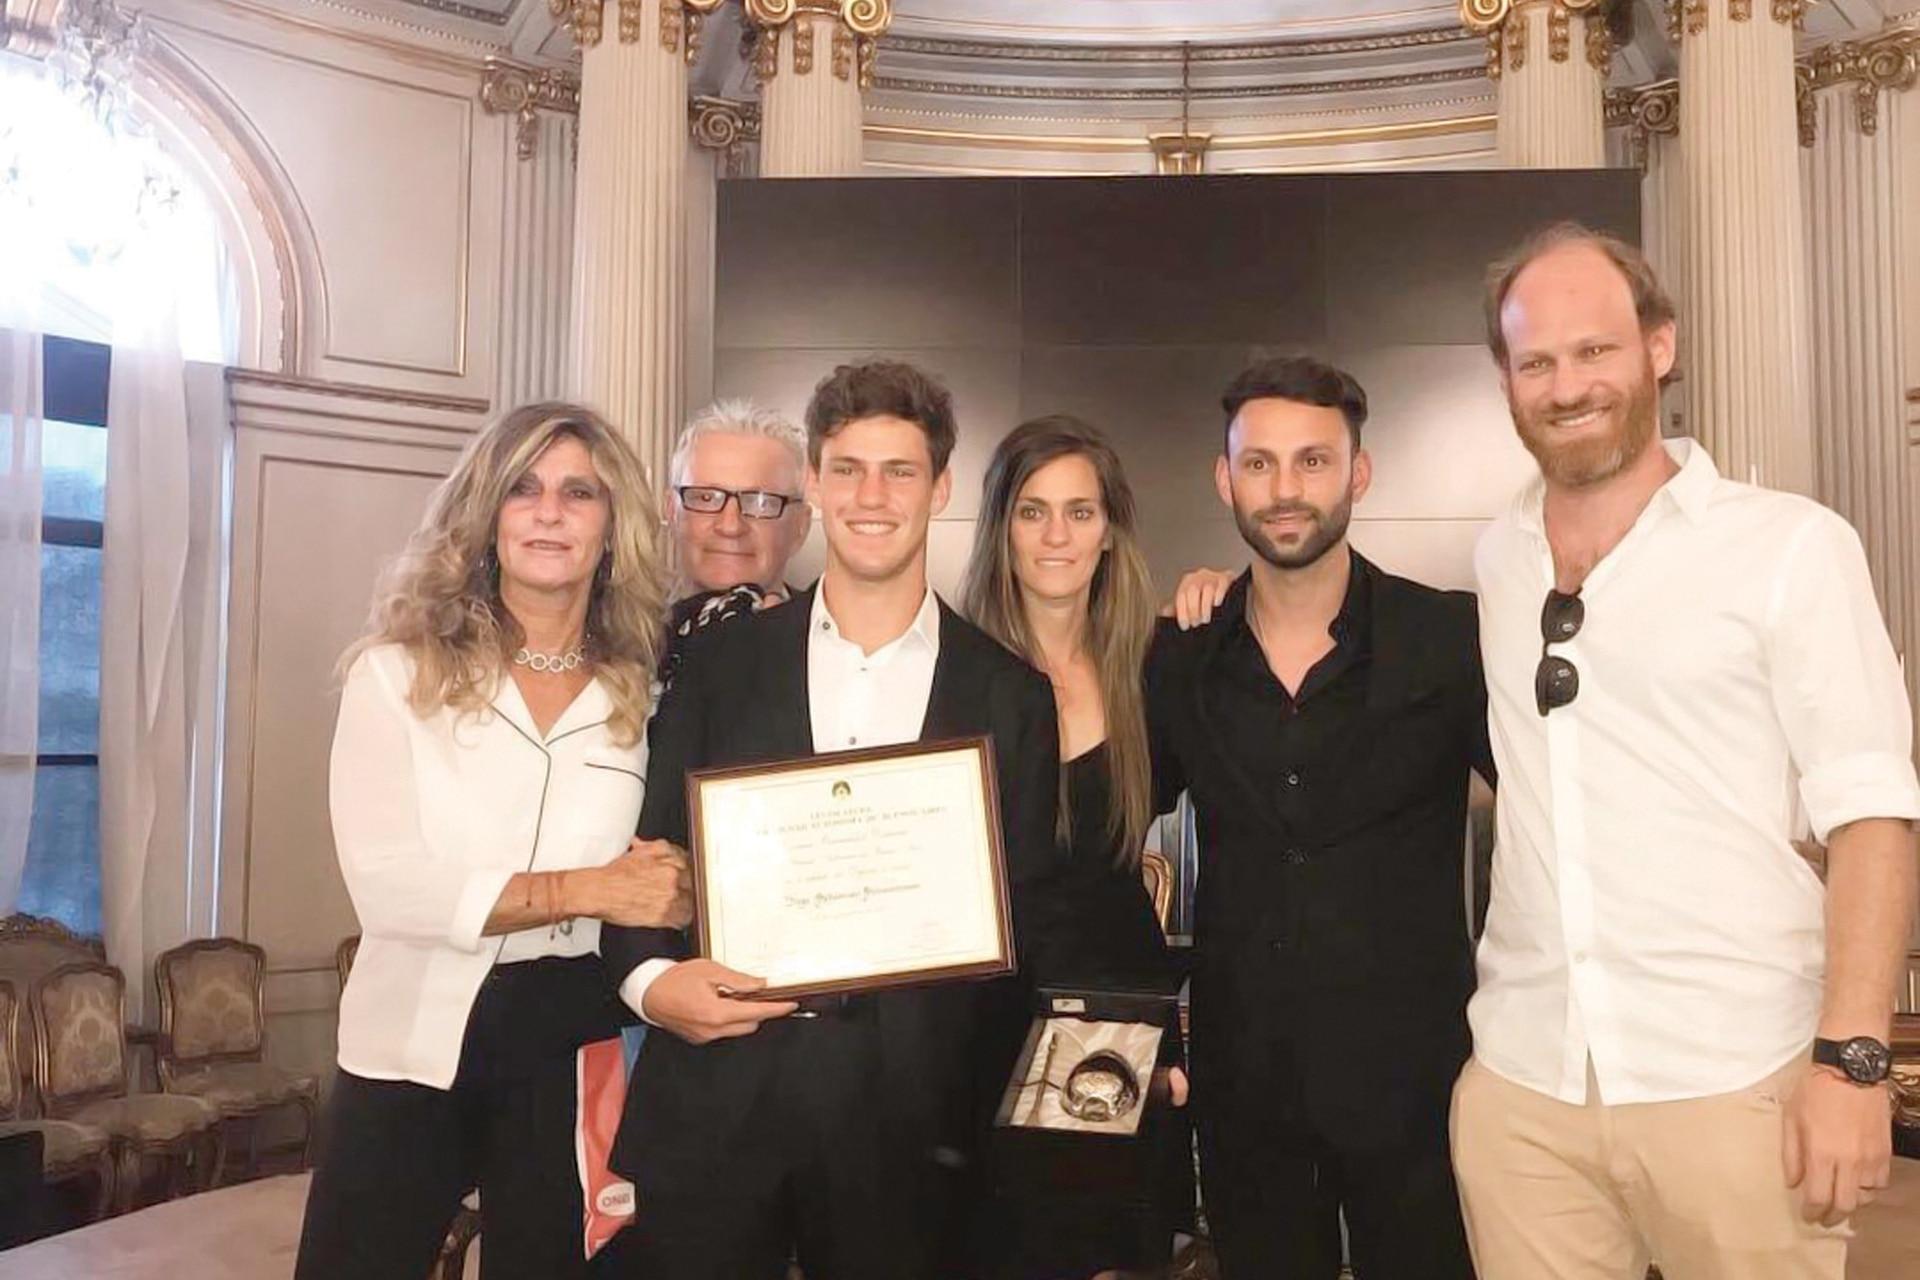 Diego Schwartzman junto con sus padres (Silvana y Ricardo) y sus hermanos (Natali, Matías y Andrés), los motores que le dieron impulso a su carrera deportiva.